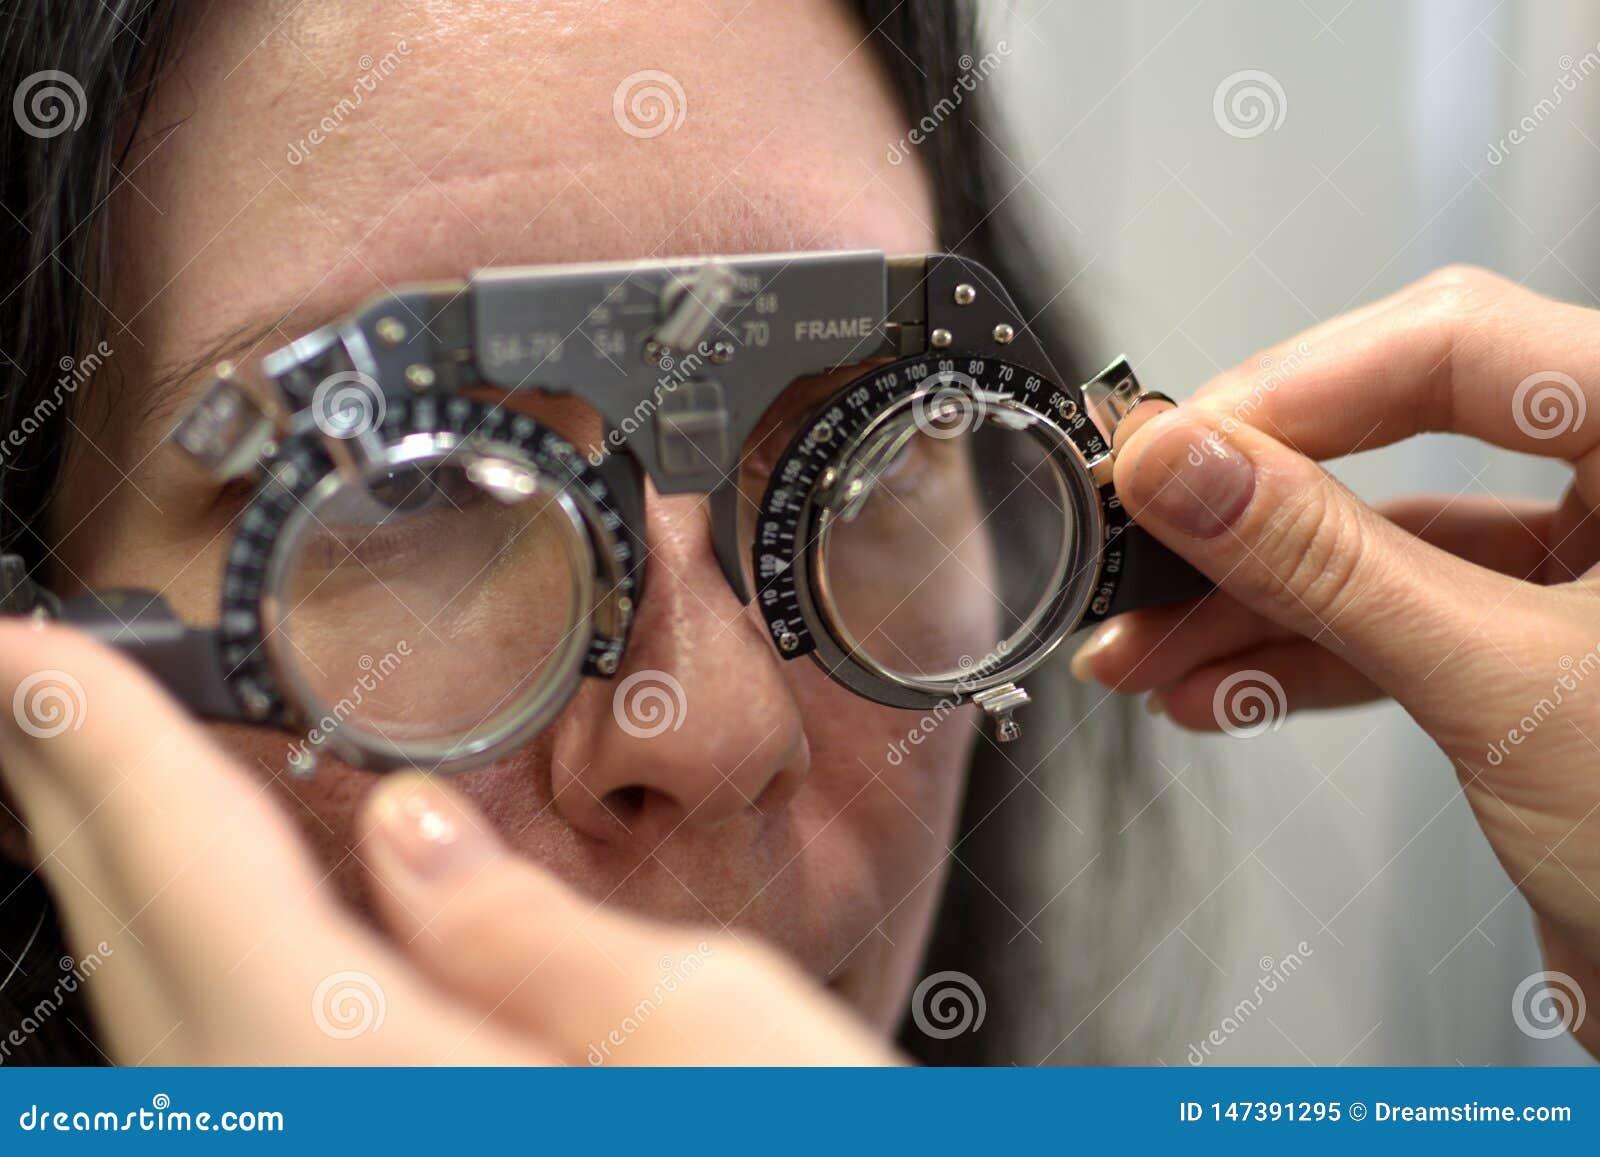 De jonge mooie vrouw ondergane procedure van de lensmontage in het uitstekende testende passende kader van de stijllens met oftal